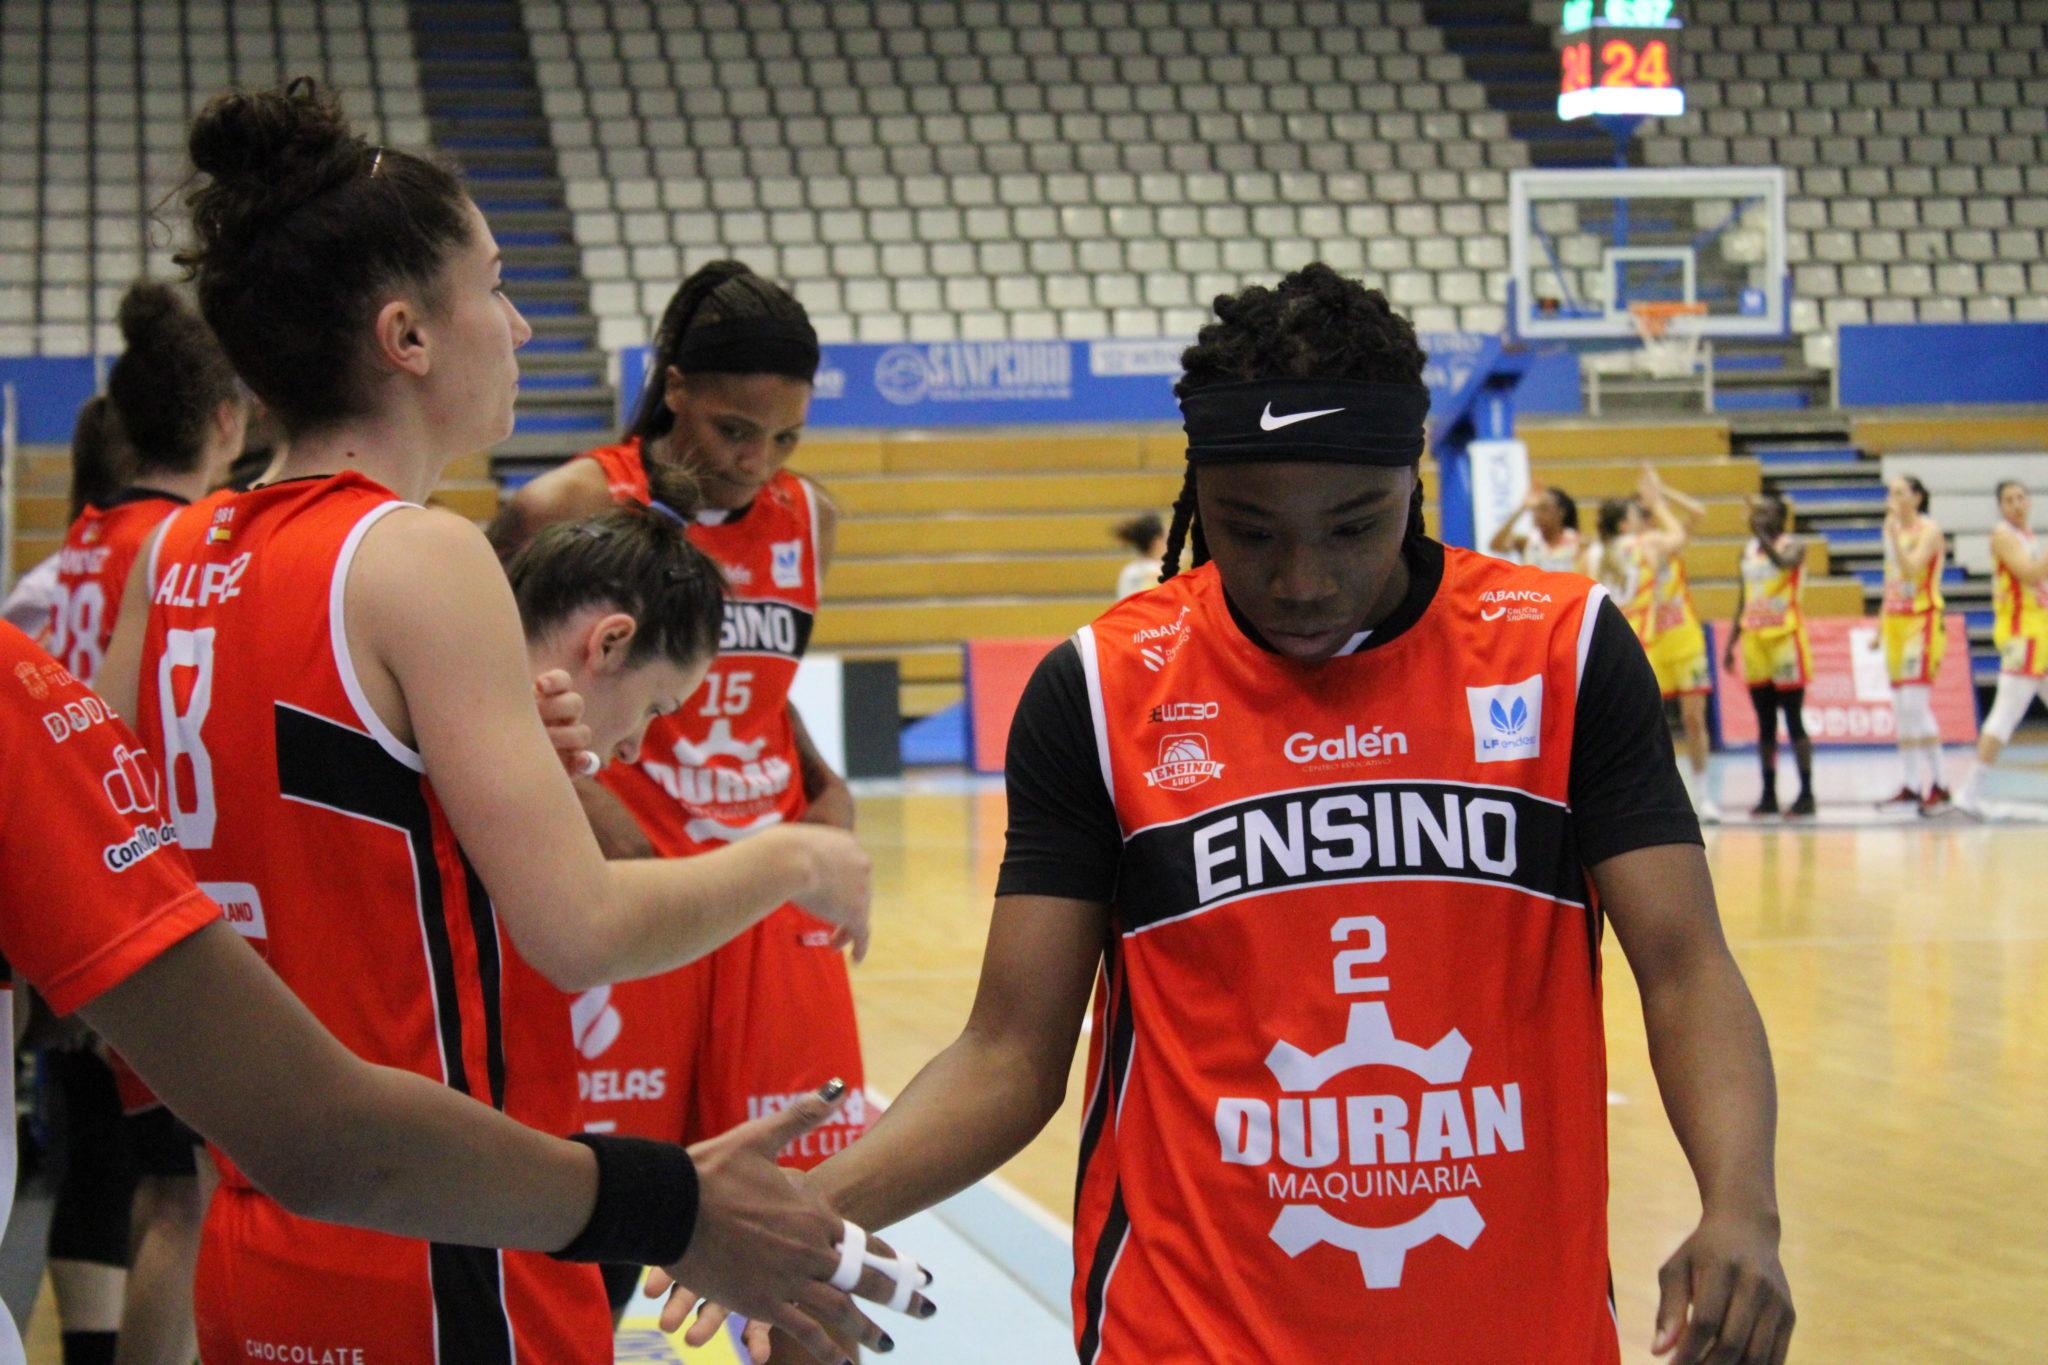 Dinkins, a nova fichaxe do Ensino, xogaba por primeira vez na Liga Endesa / AS NOSAS